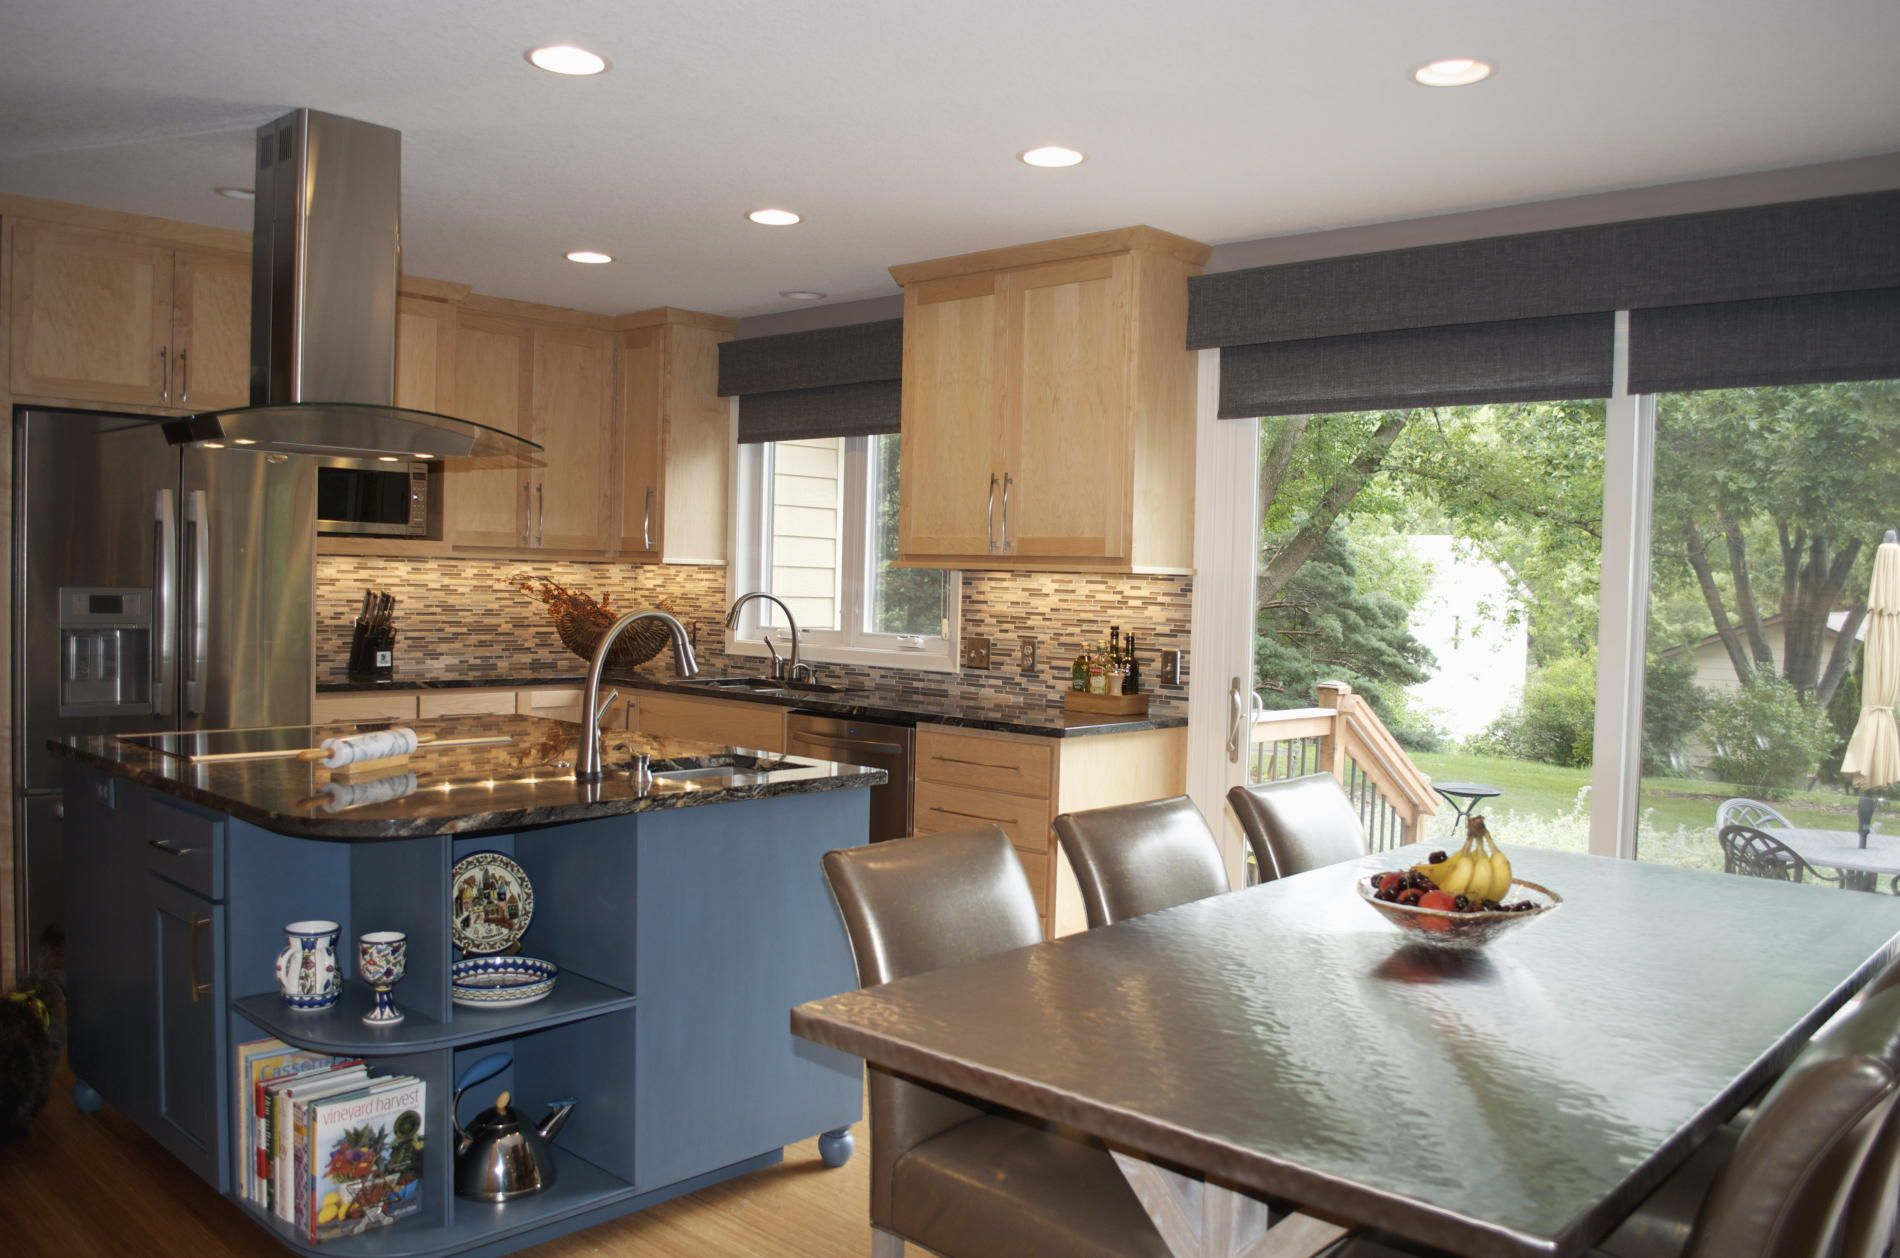 Küchenideen 2018 mit insel küchengrundrisse mit insel große moderne küche günstig küchen